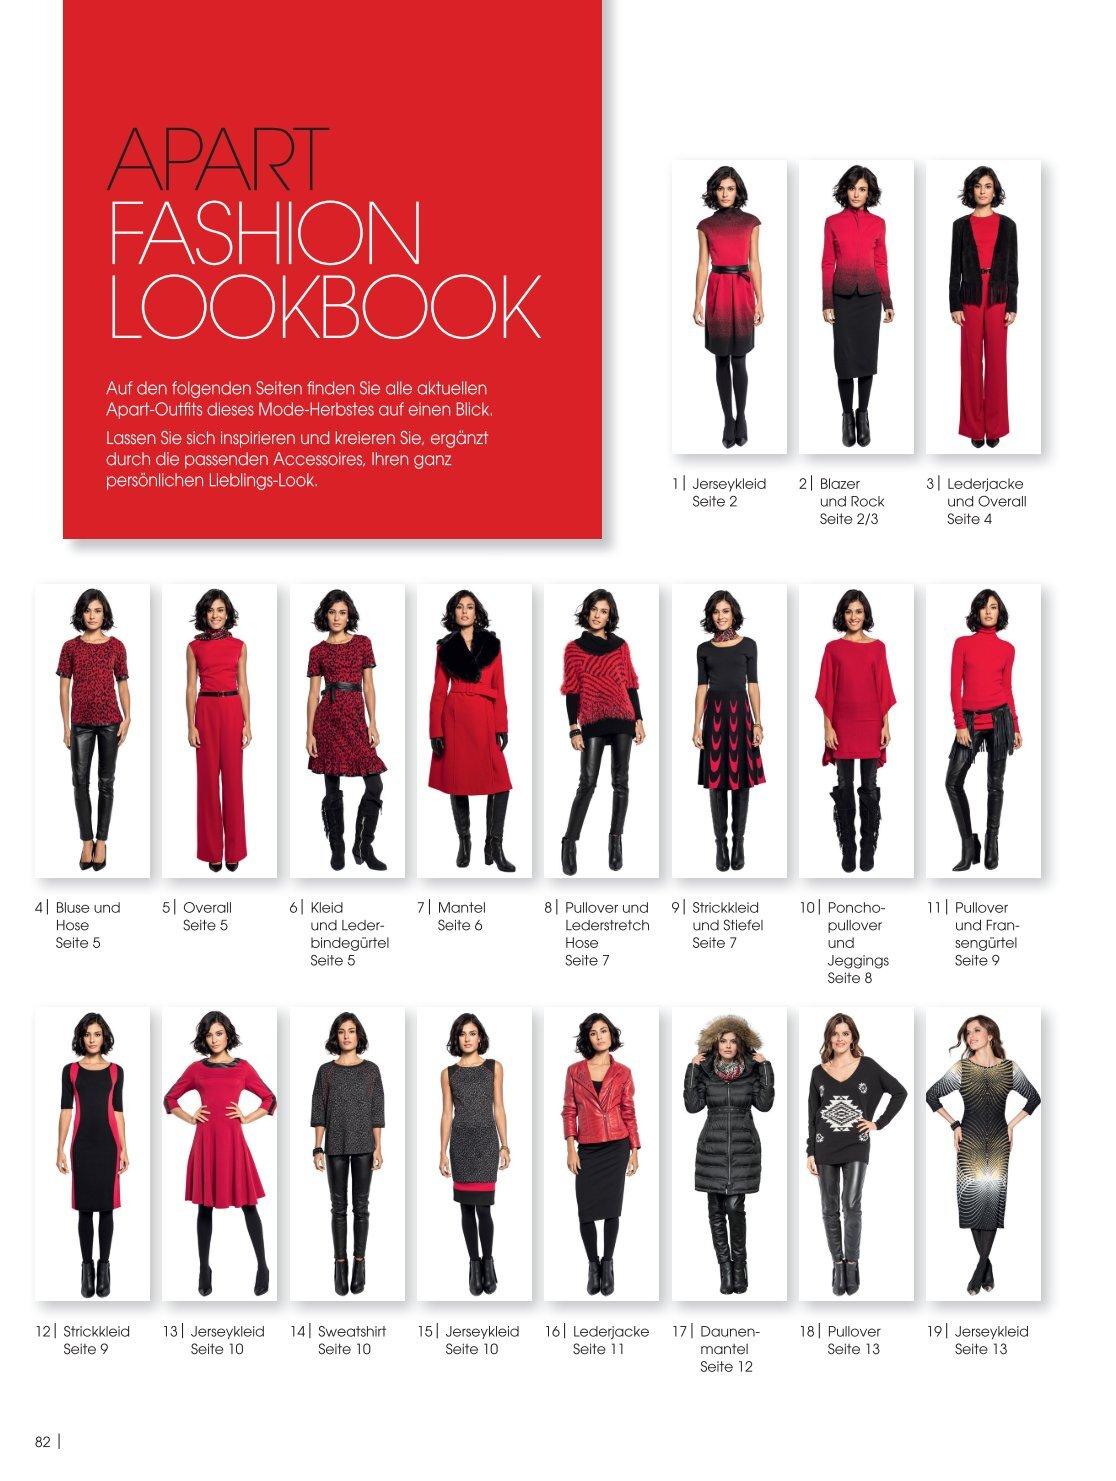 Apart fashion mantel